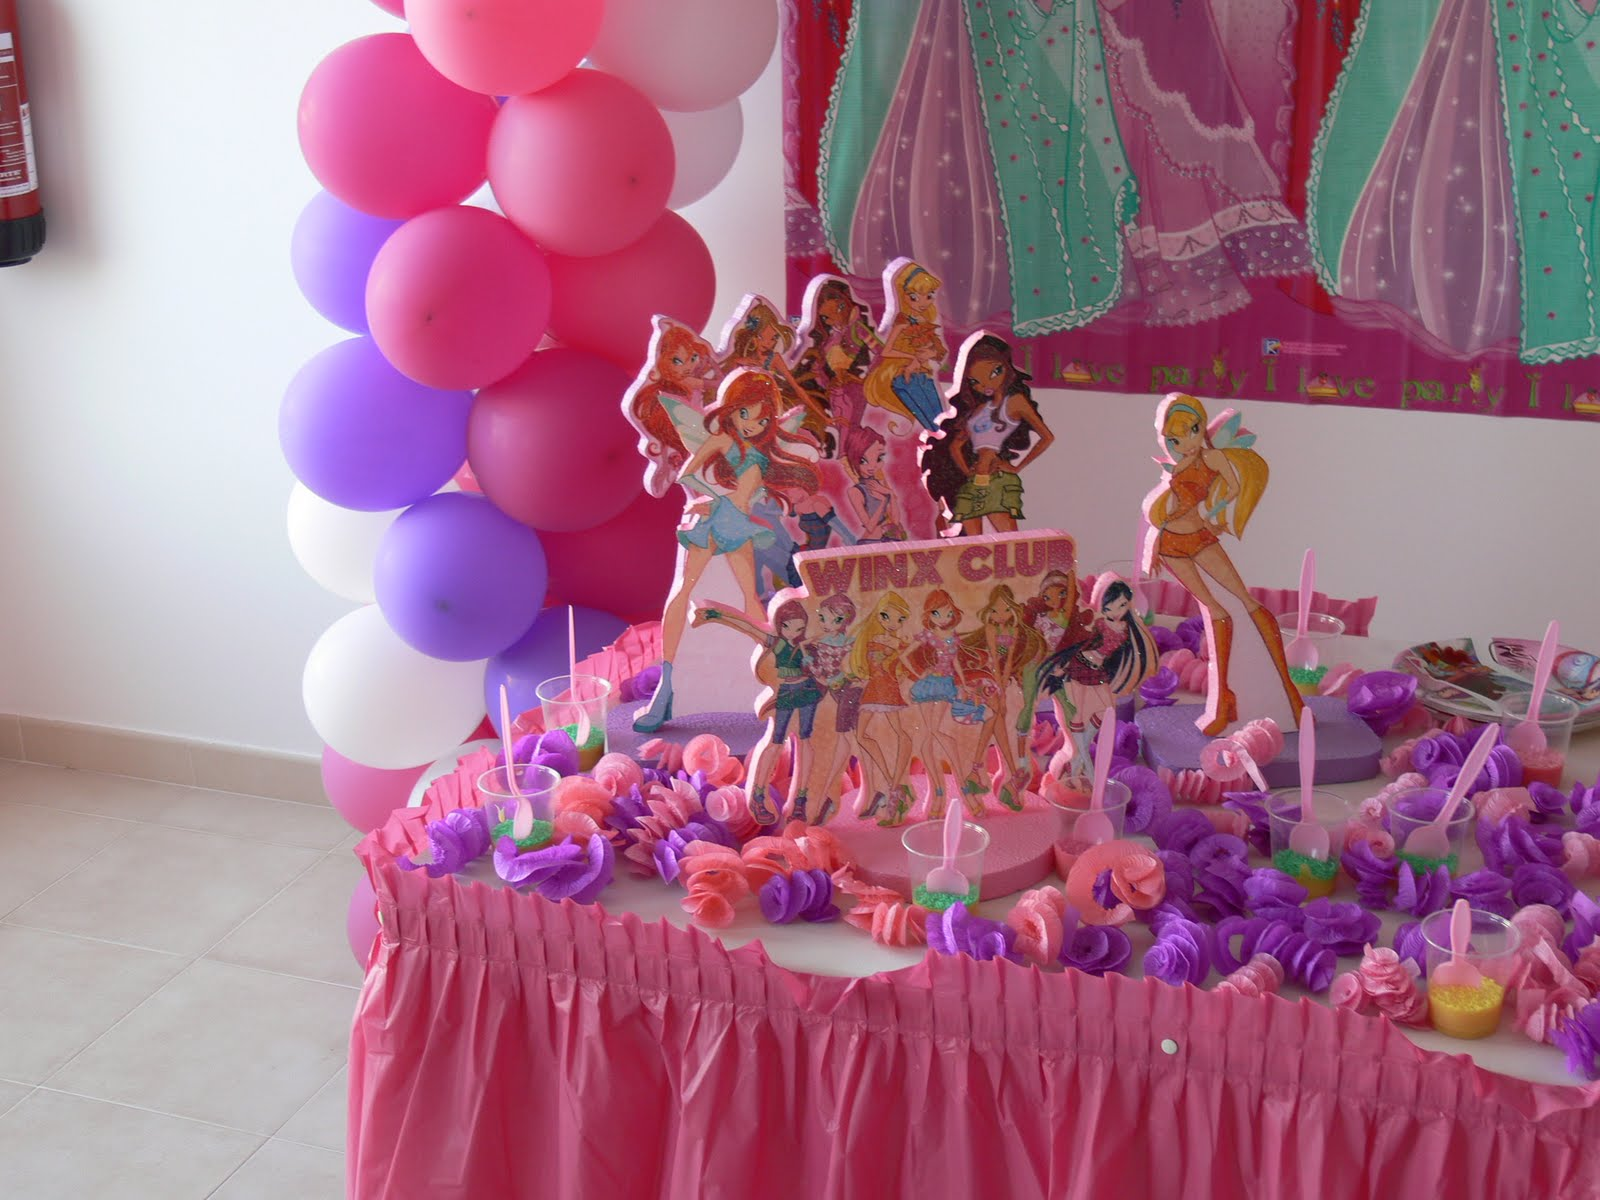 decoracao festa winx:Decoração das Winxs Aniversário da Kethely